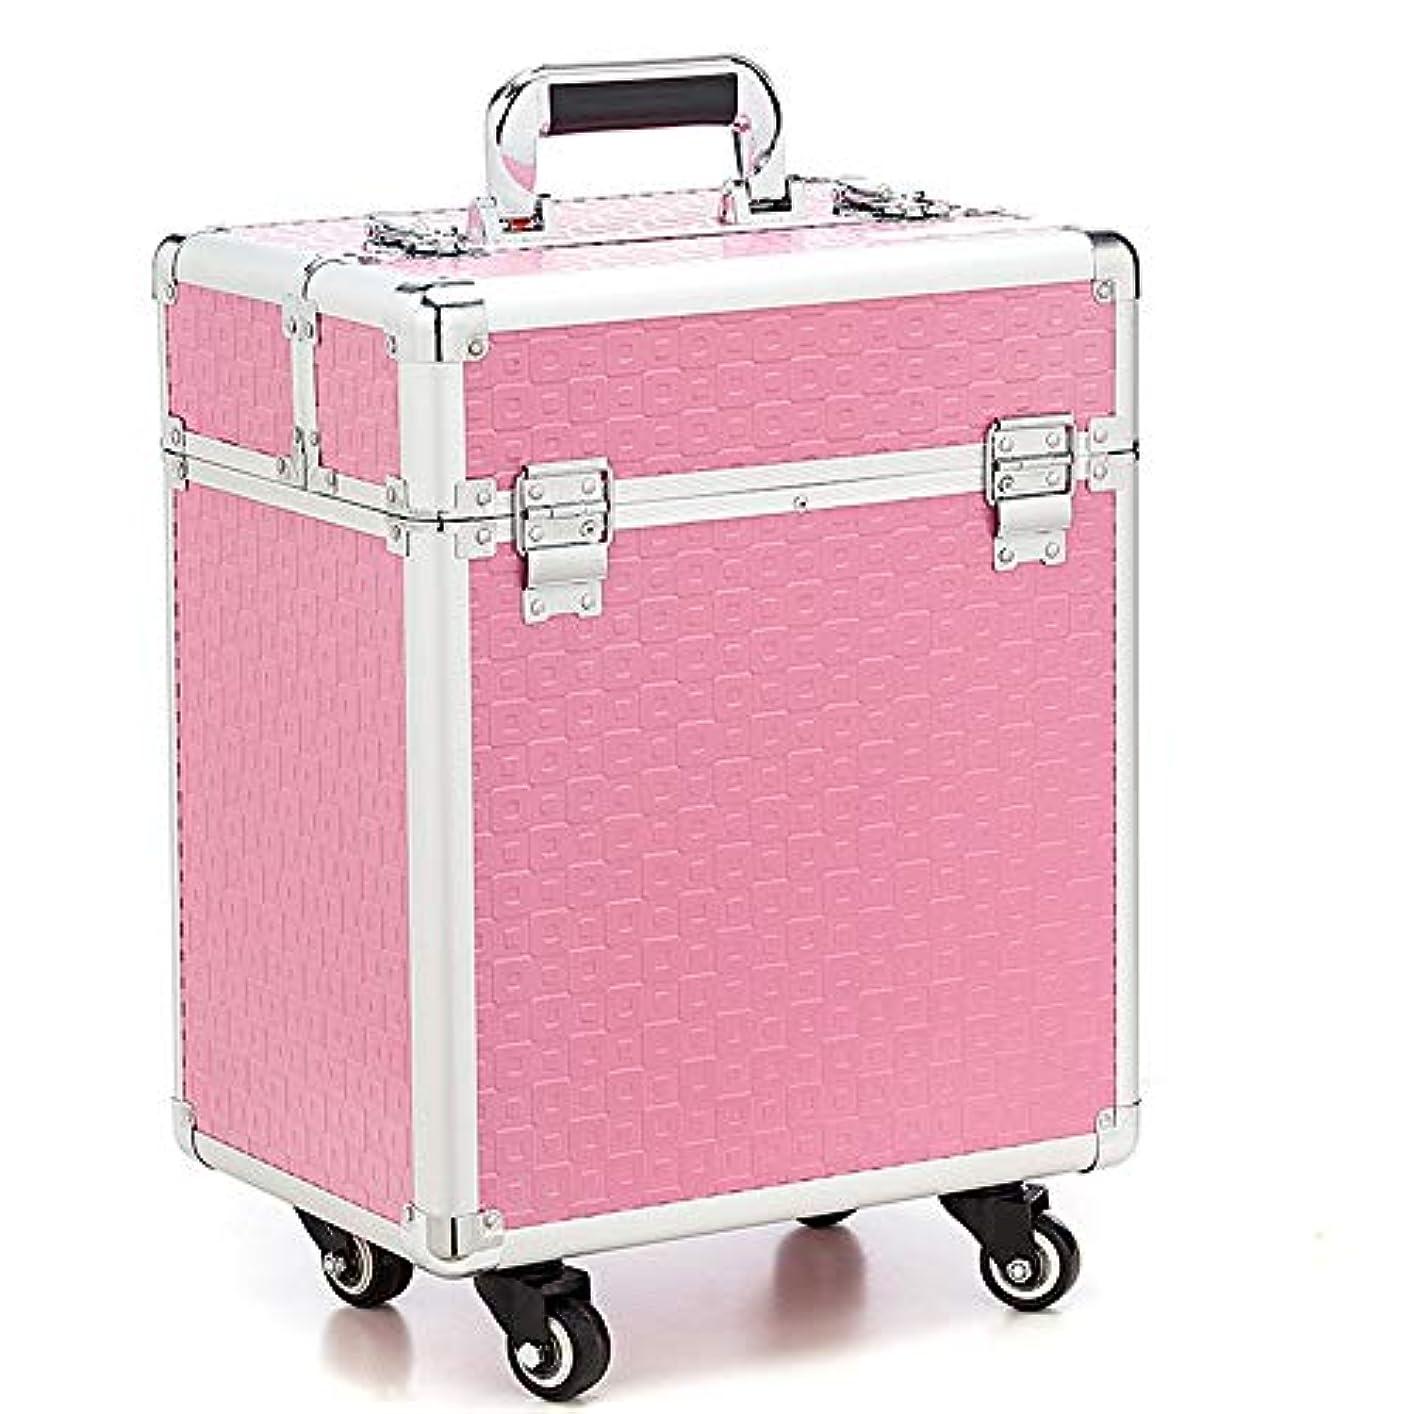 不利益インレイ利用可能化粧オーガナイザーバッグ 360度ホイール3イン1プロフェッショナルアルミアーティストローリングトロリーメイクトレインケース化粧品オーガナイザー収納ボックス用ティーンガールズ女性アーティスト 化粧品ケース (色 : ピンク)